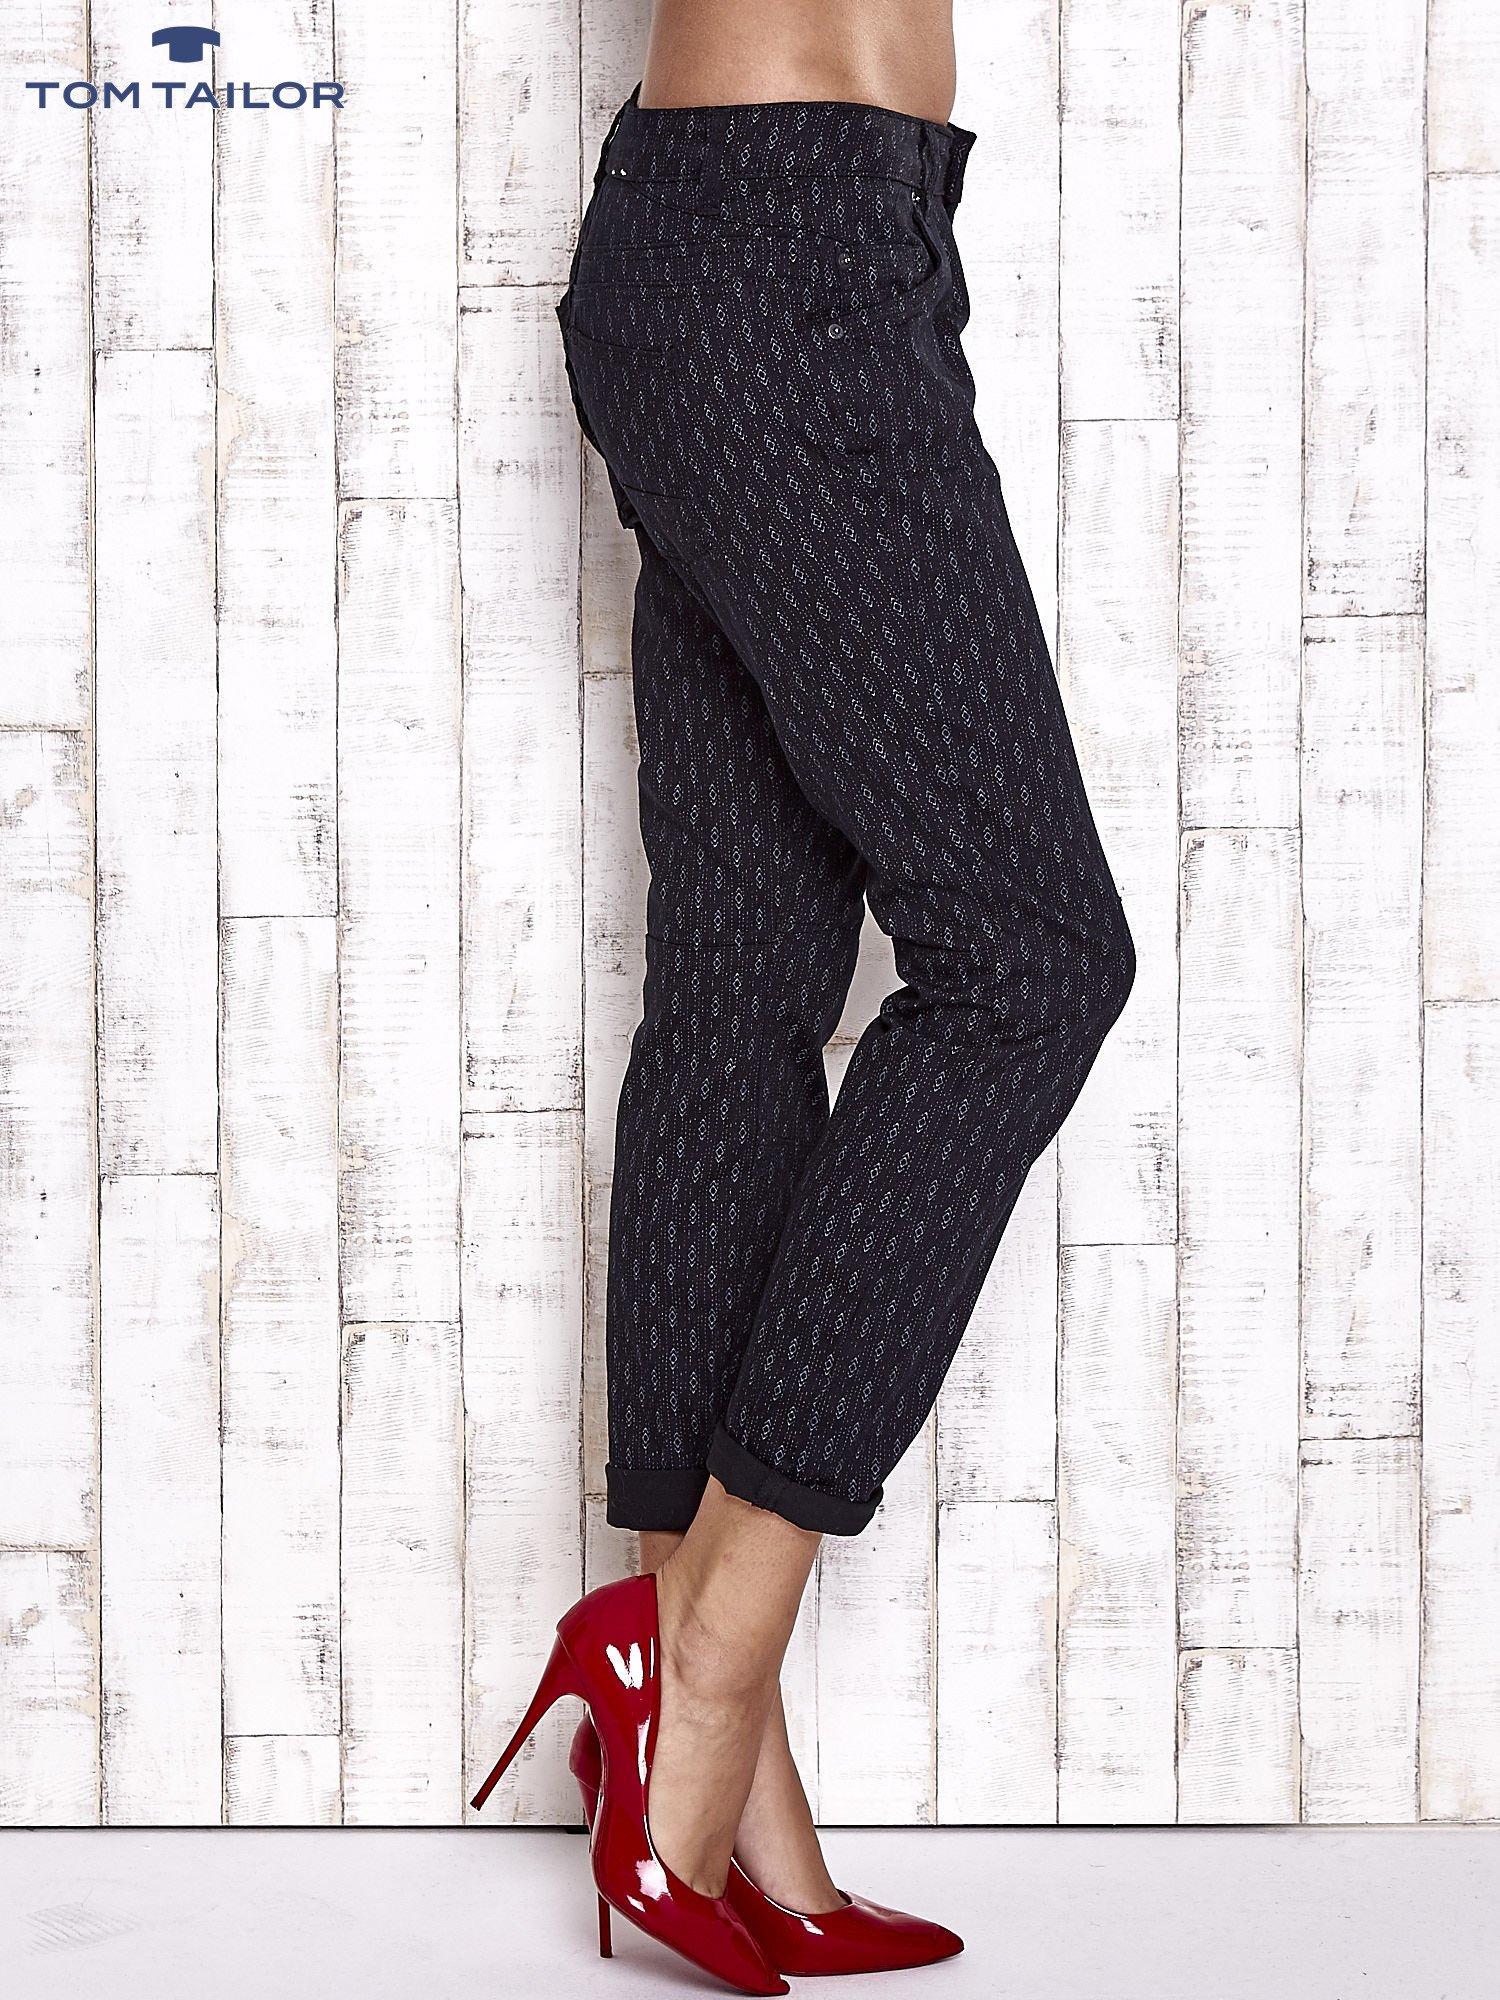 TOM TAILOR Czarne spodnie z graficznym nadrukiem                                  zdj.                                  3